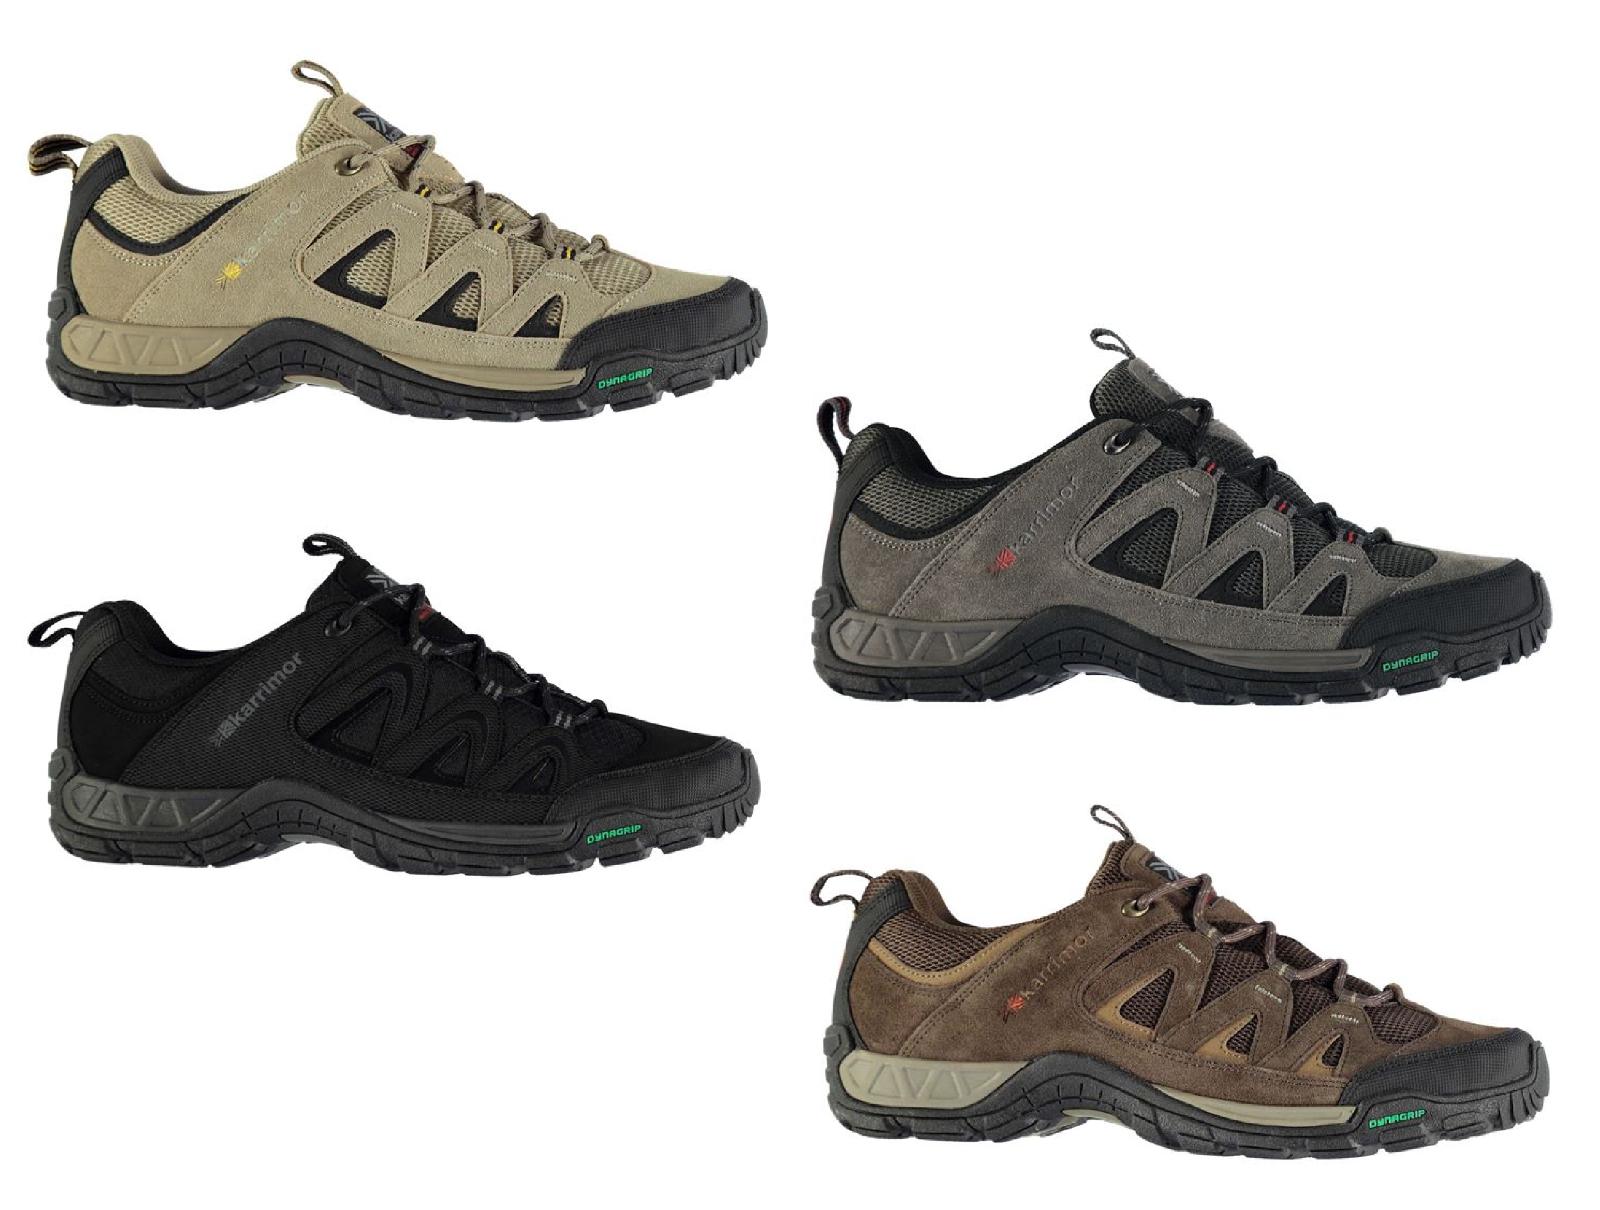 Karrimor Trekkingschuhe Wanderschuhe Outdoor Walking Shoes Herren NEU Summit